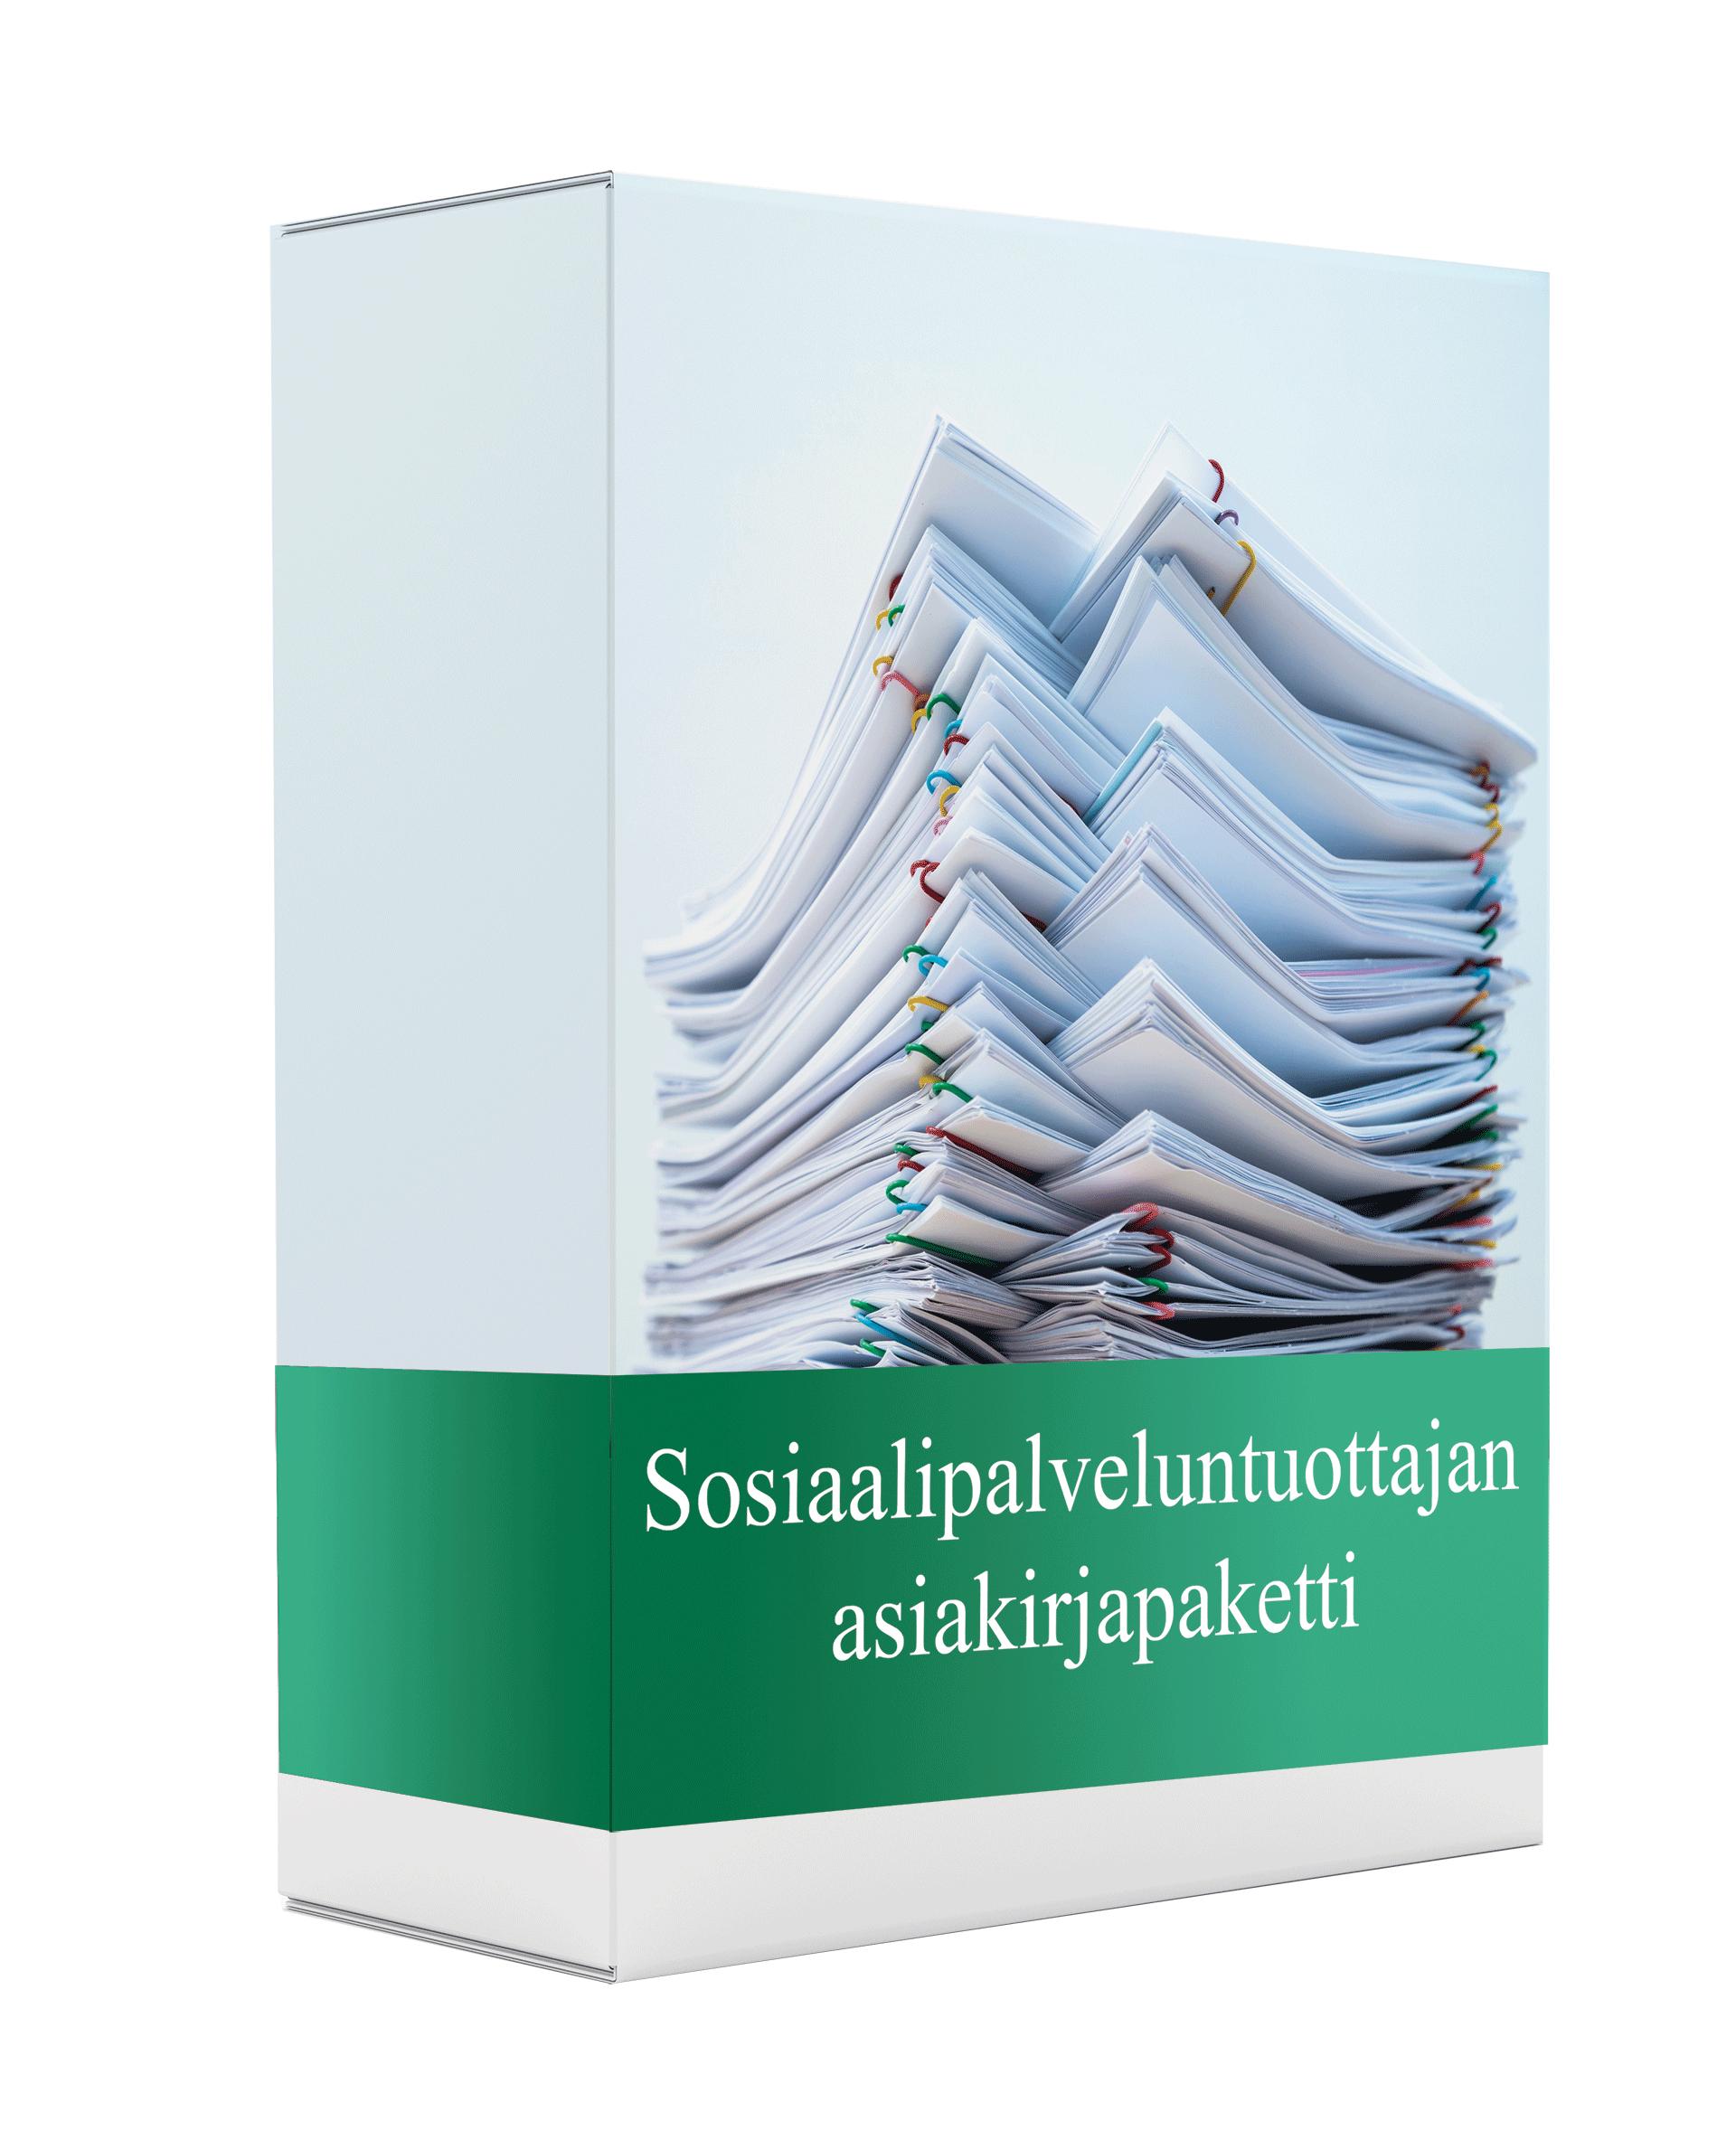 Asiakirjapaketti, jossa asiakirjoja alvittomalle sosiaalipalveluntuottajalle.